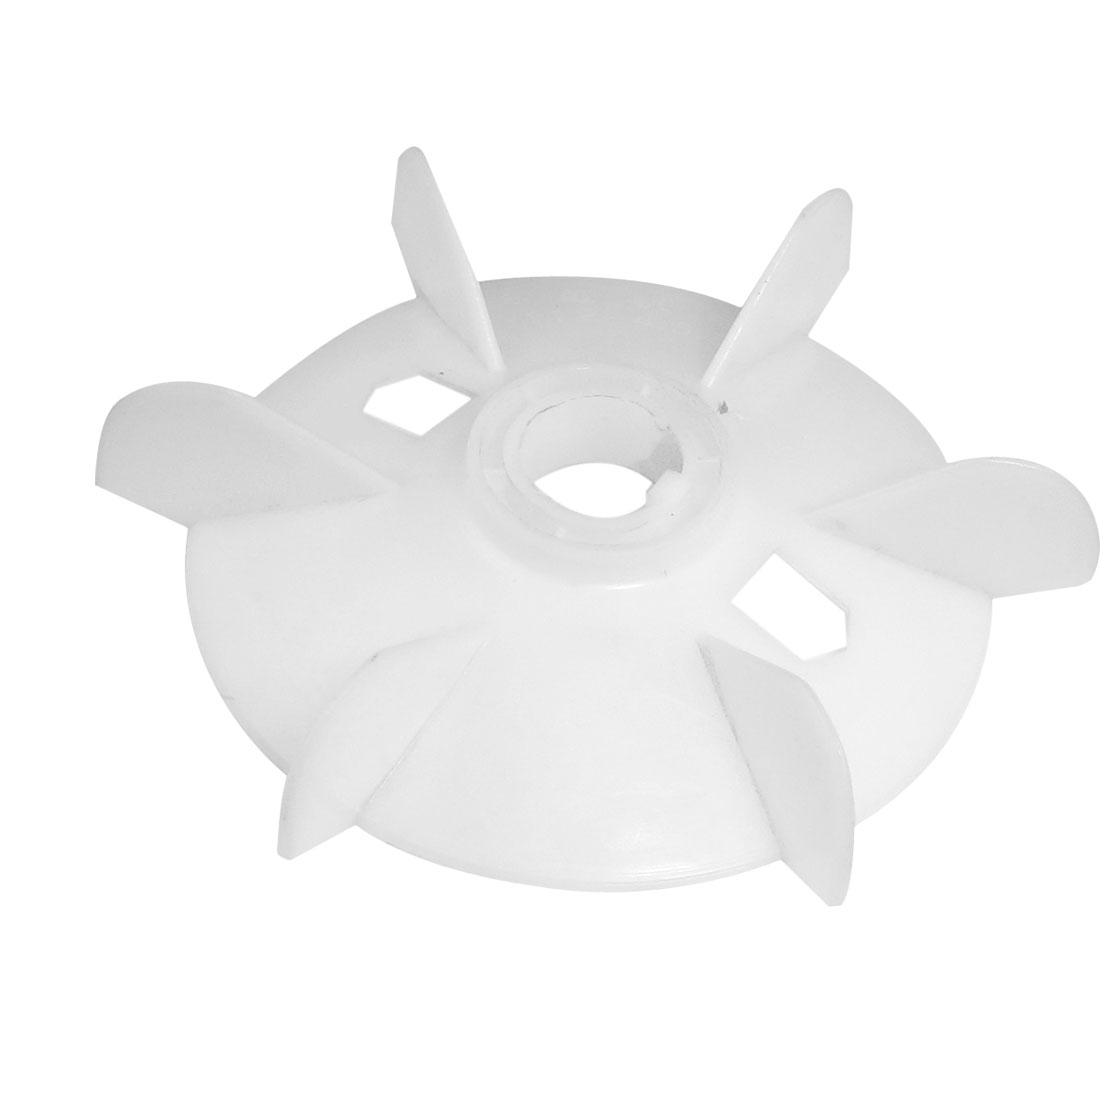 Spare Part 28mm Inner Diameter 6 Vanes Impeller Plastic Motor Fan Vane Wheel